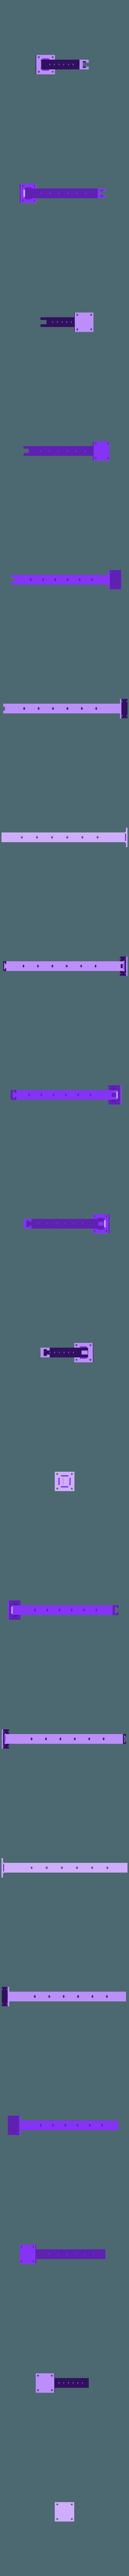 colonne 1.stl Télécharger fichier STL Pont 4 colonnes pour garage 1/10 • Design pour impression 3D, RCGANG93